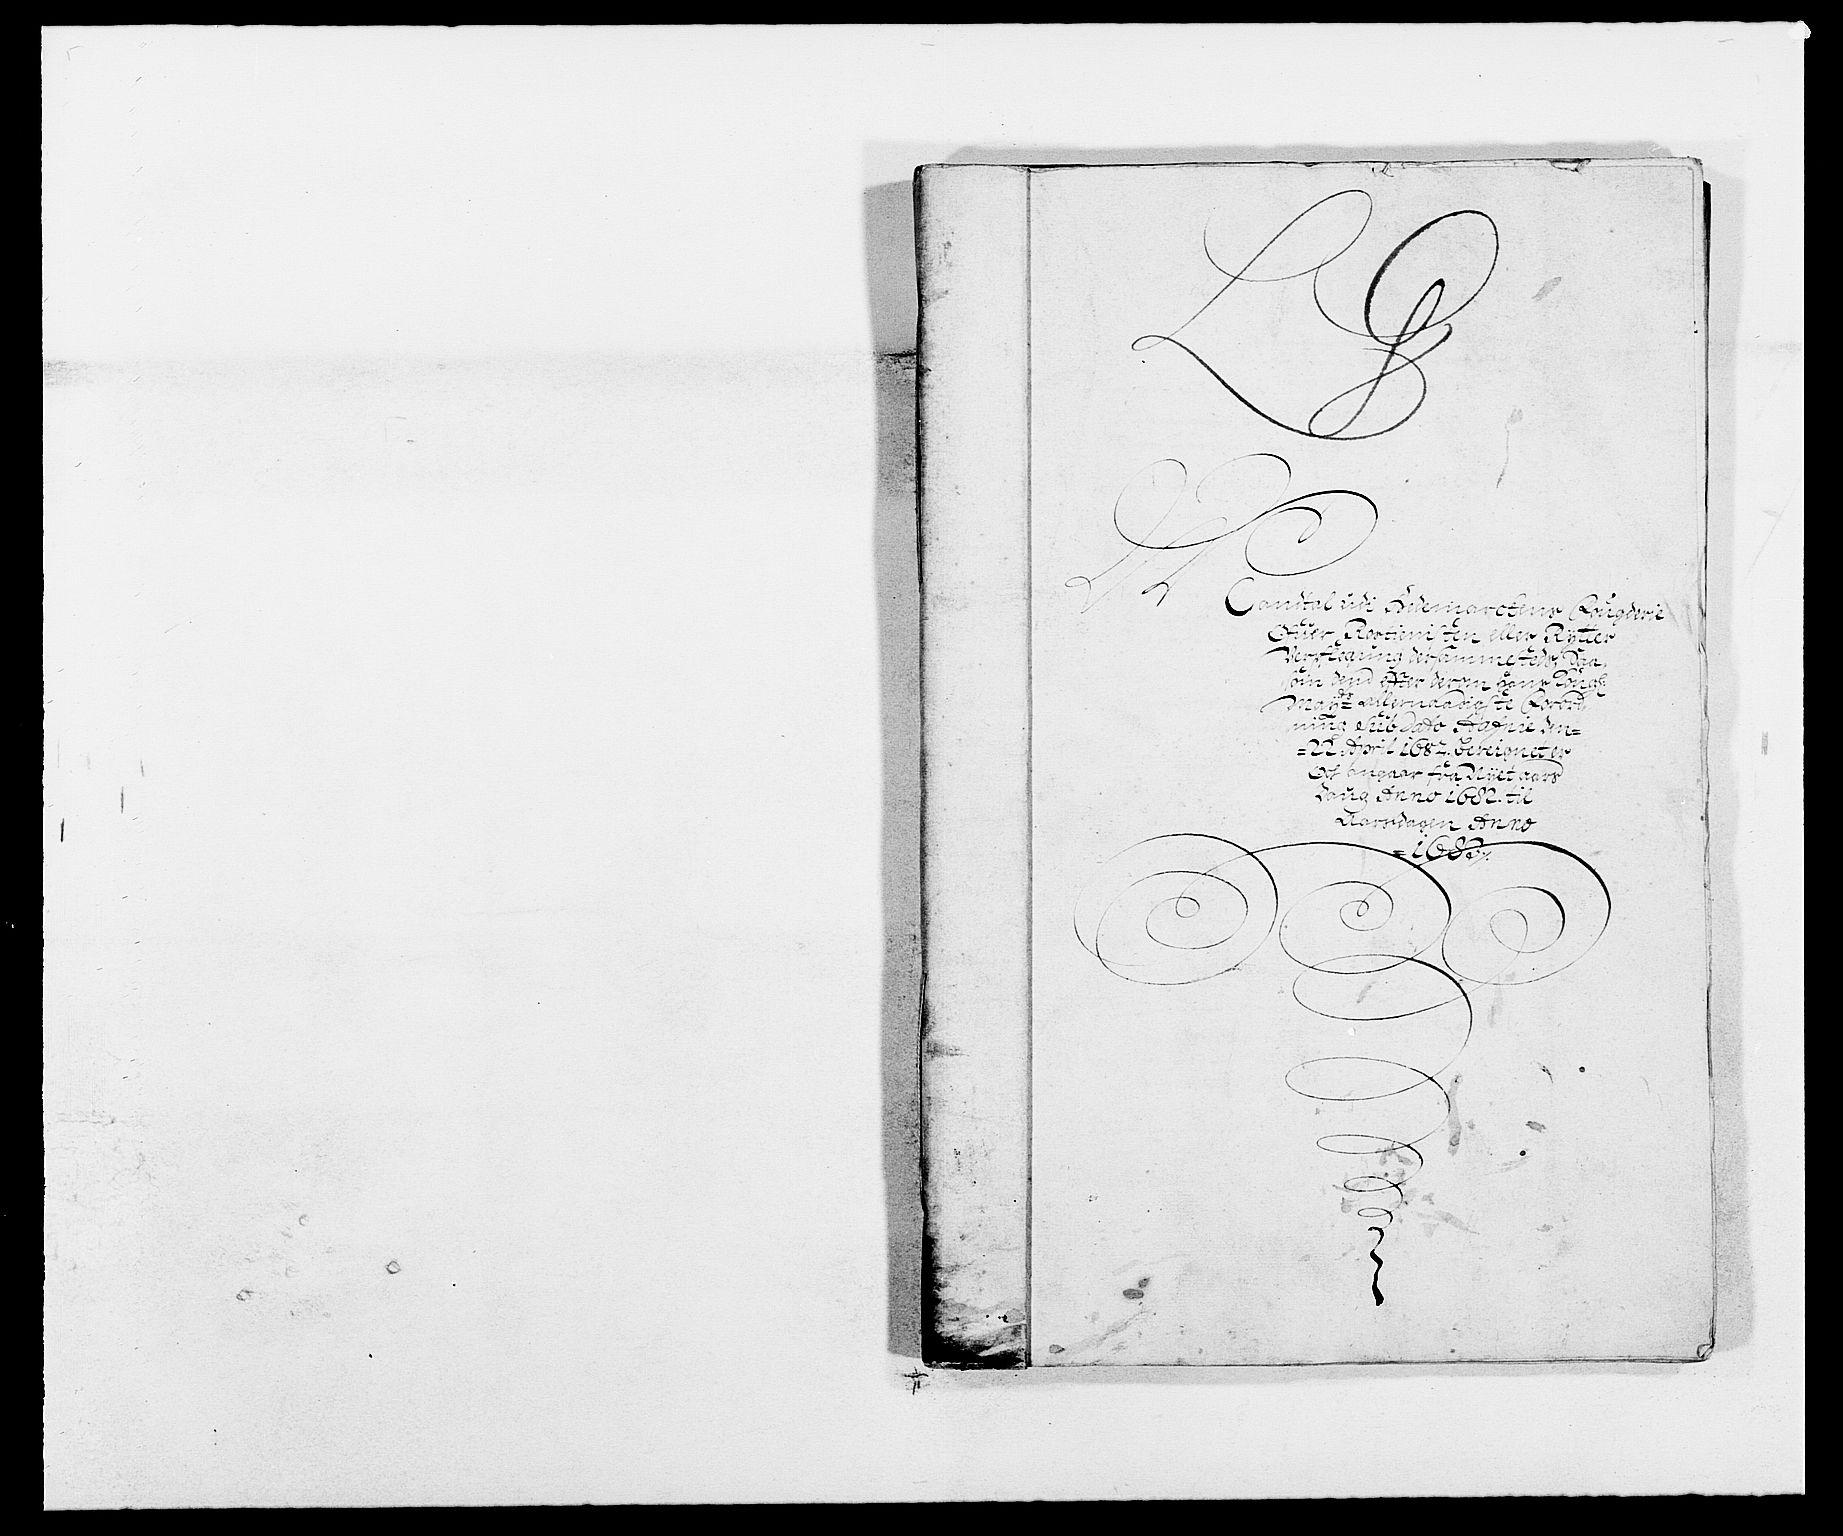 RA, Rentekammeret inntil 1814, Reviderte regnskaper, Fogderegnskap, R16/L1023: Fogderegnskap Hedmark, 1682, s. 191